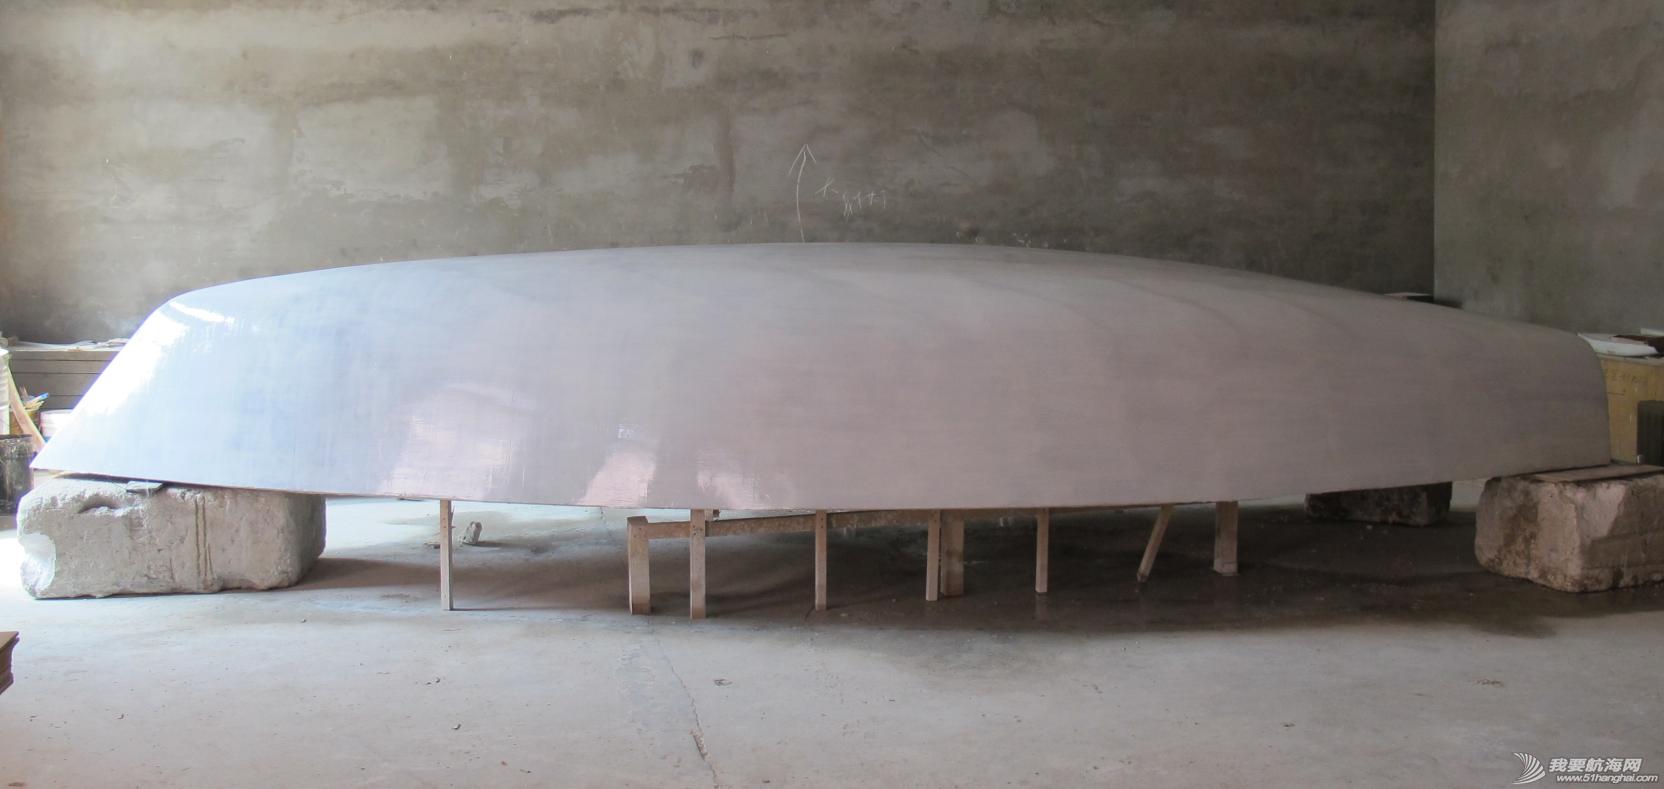 制作 GR-750船壳制作进入涂装阶段 360软件小助手截图20140808074710.png